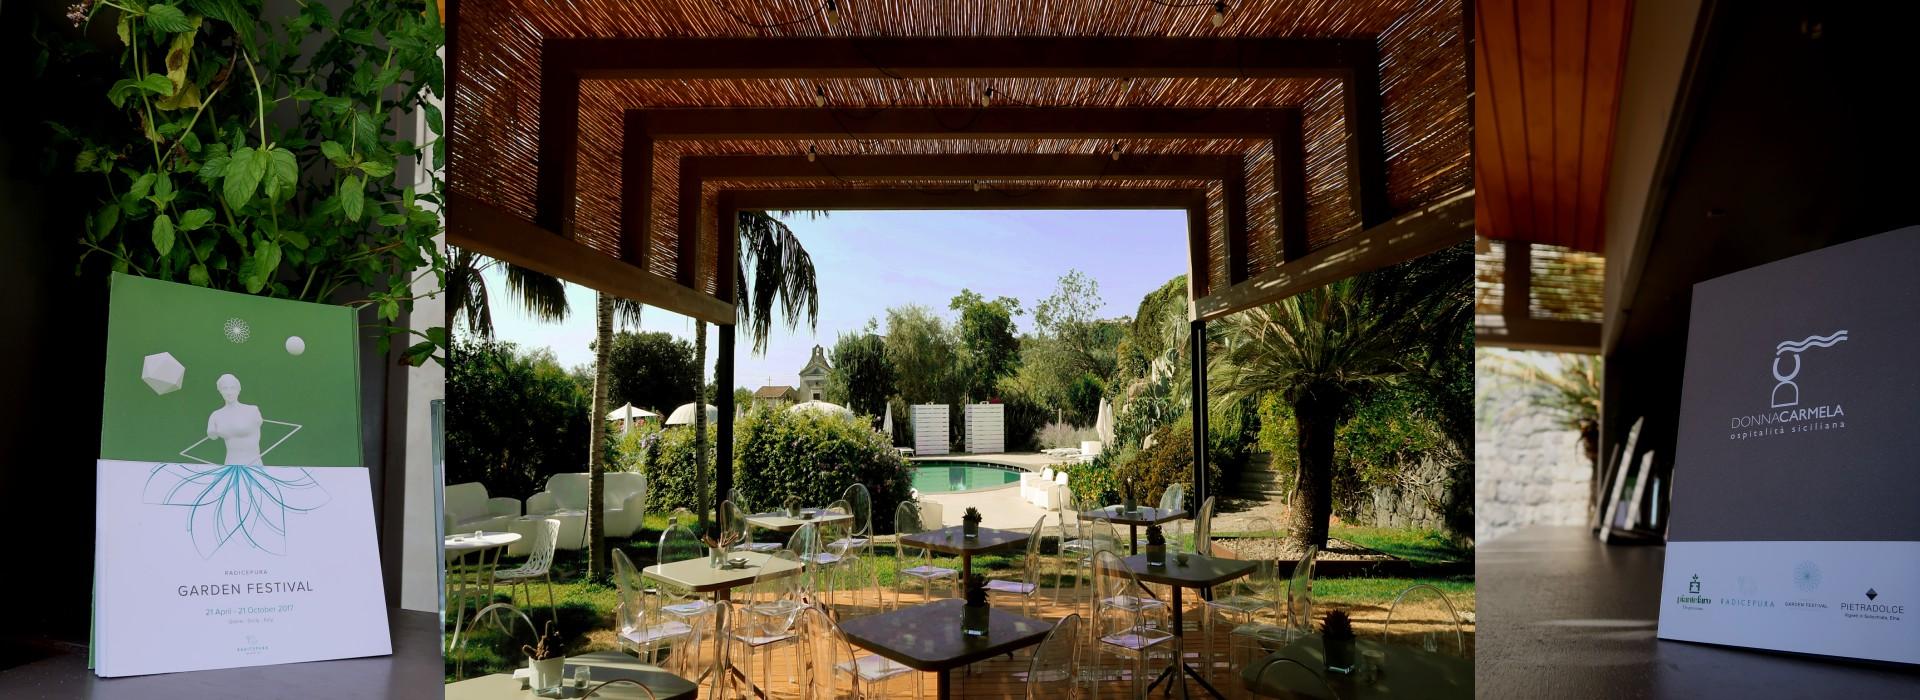 Design giardini esterni great tra le funzionalit di for Design giardini